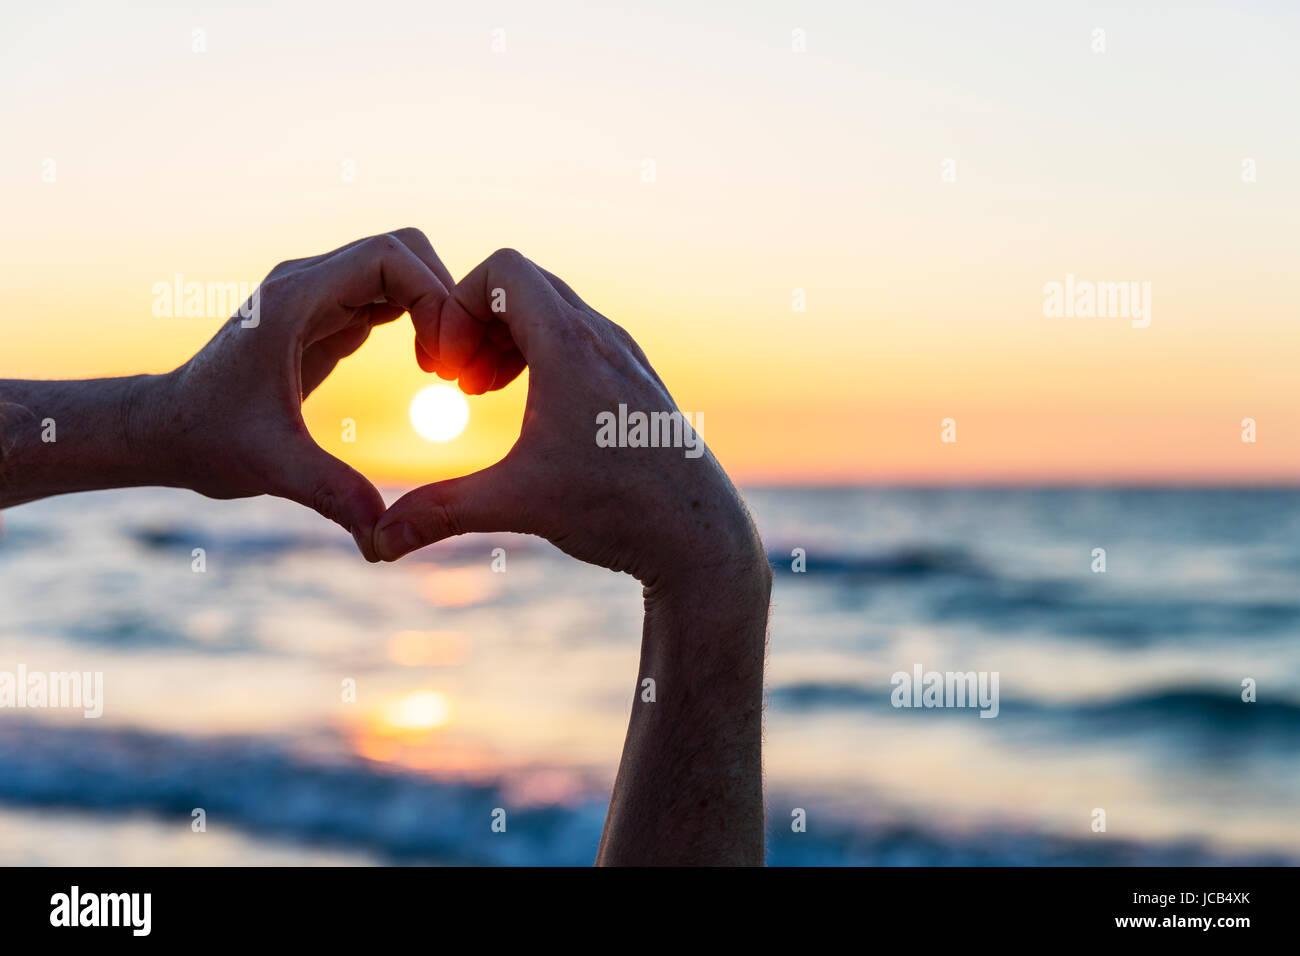 Mains de prendre une forme de coeur devant le soleil Photo Stock